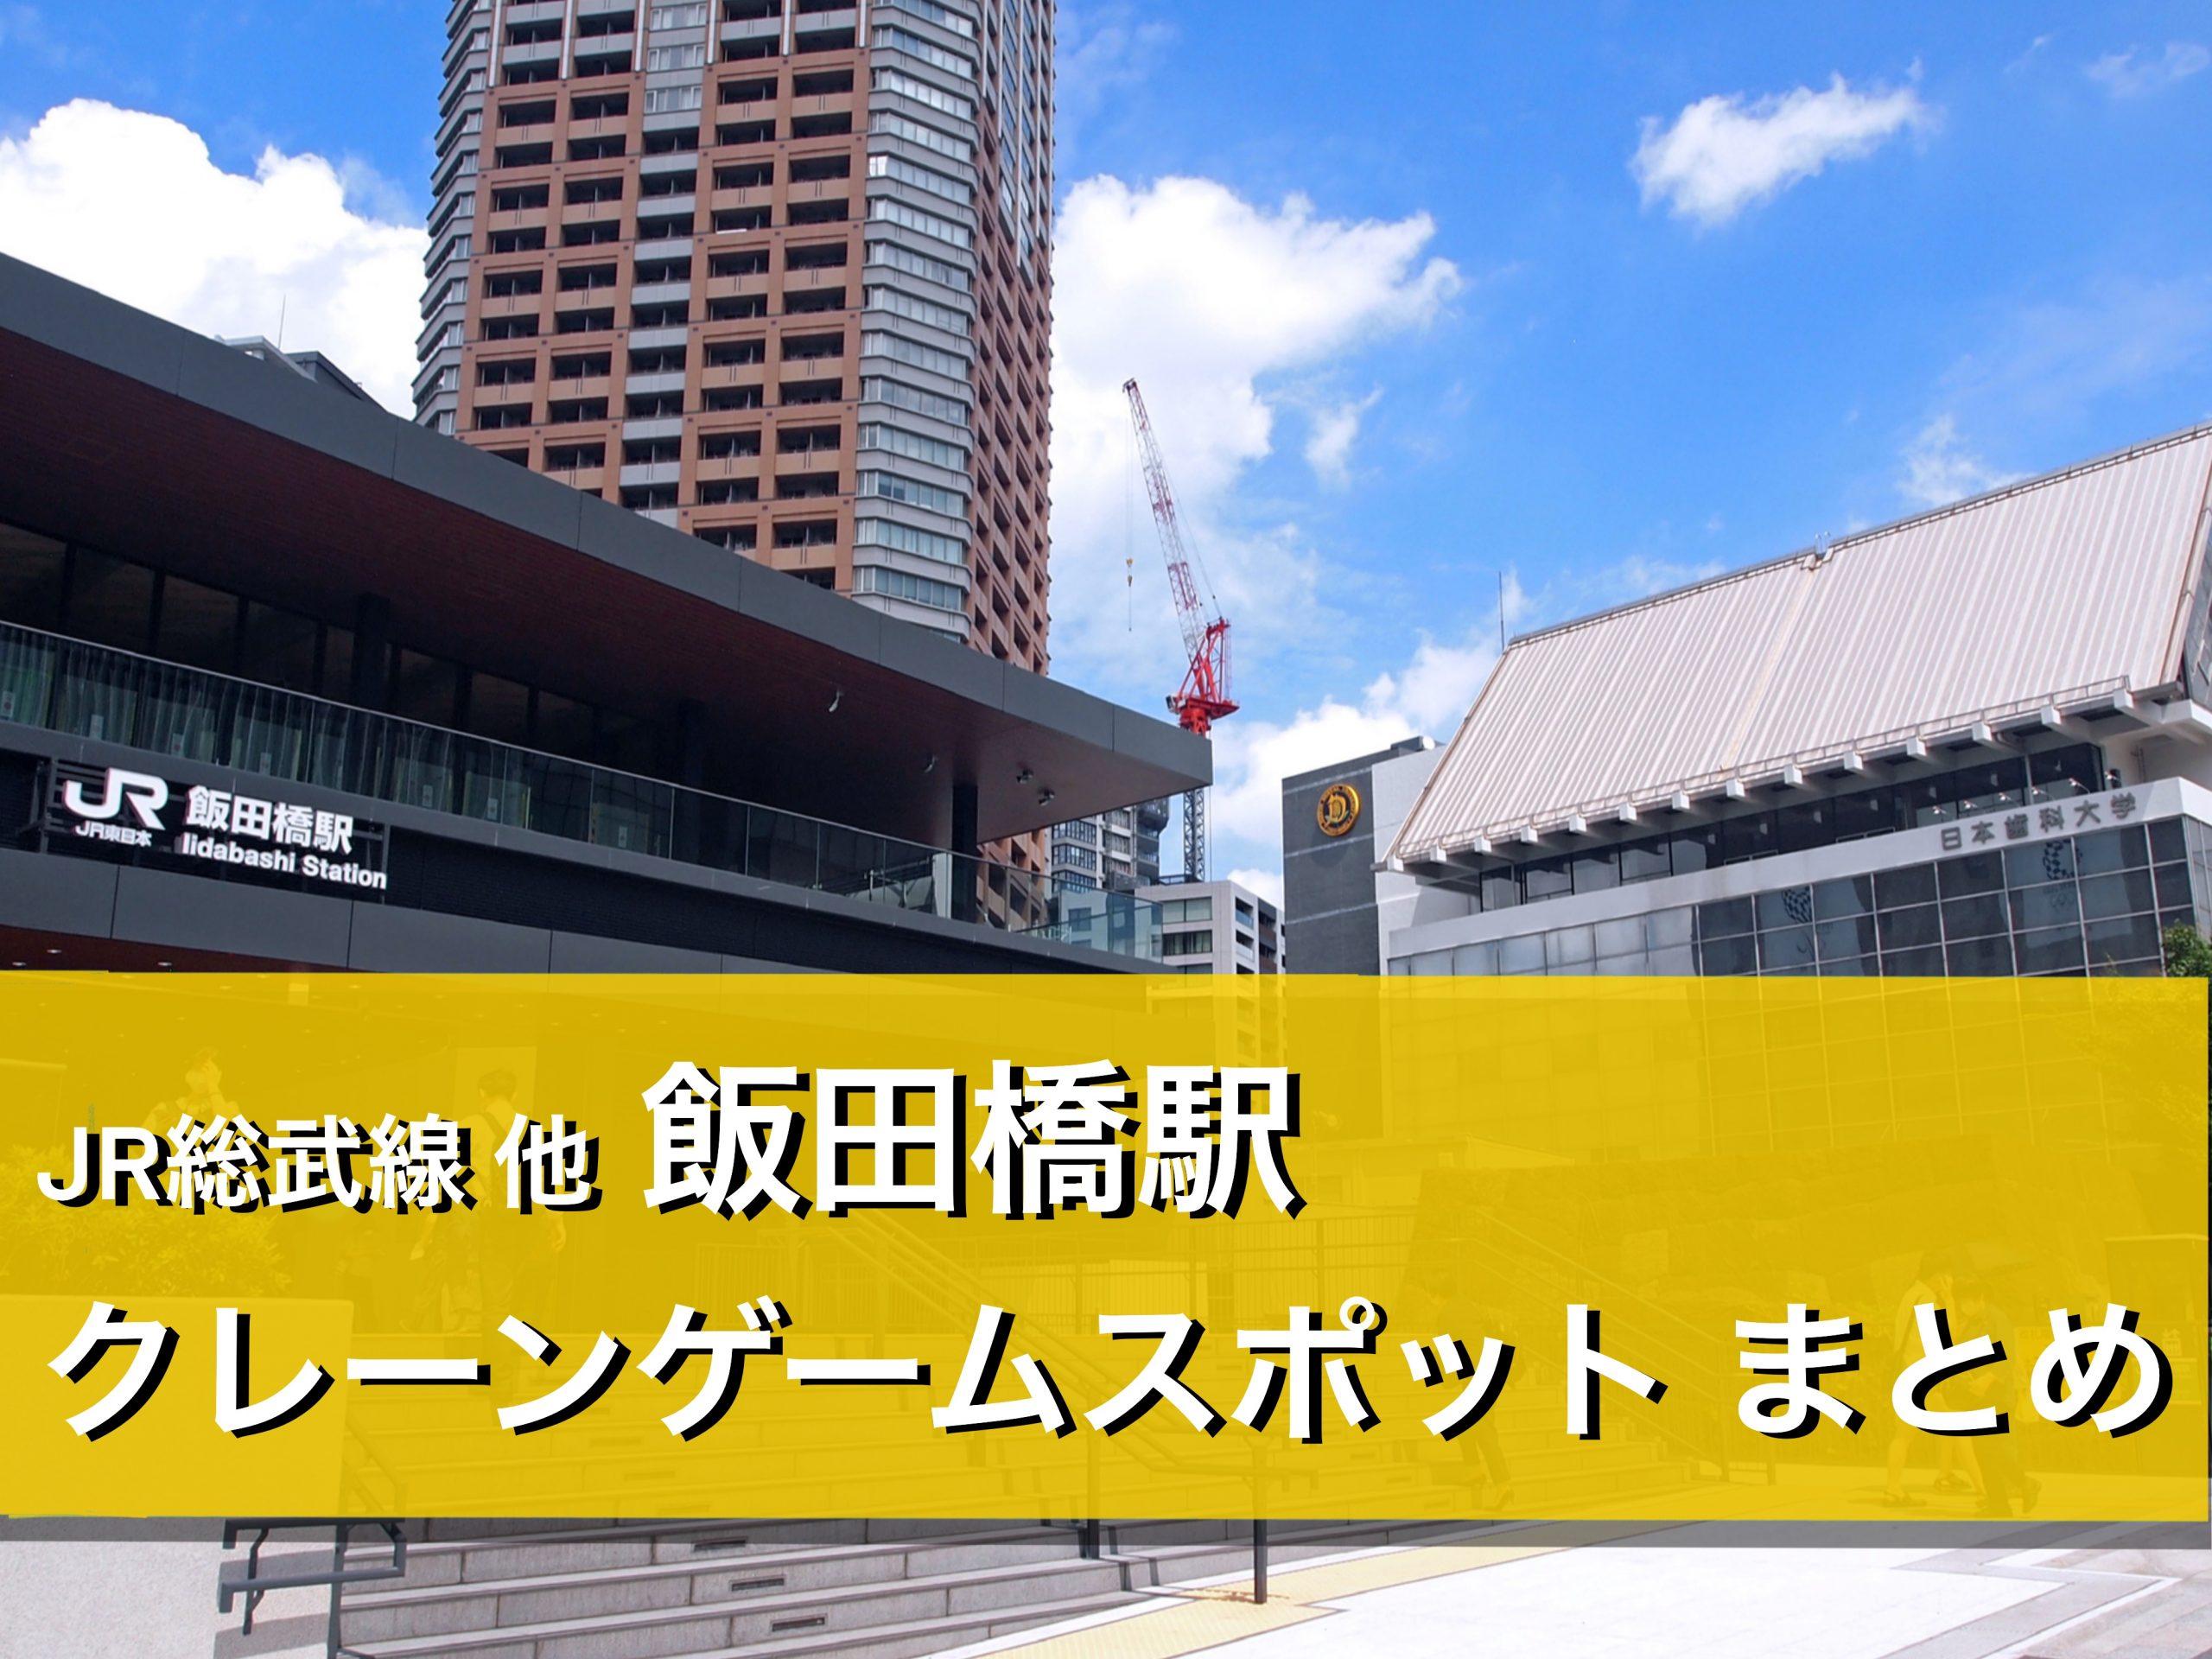 【飯田橋駅】クレーンゲームができる場所